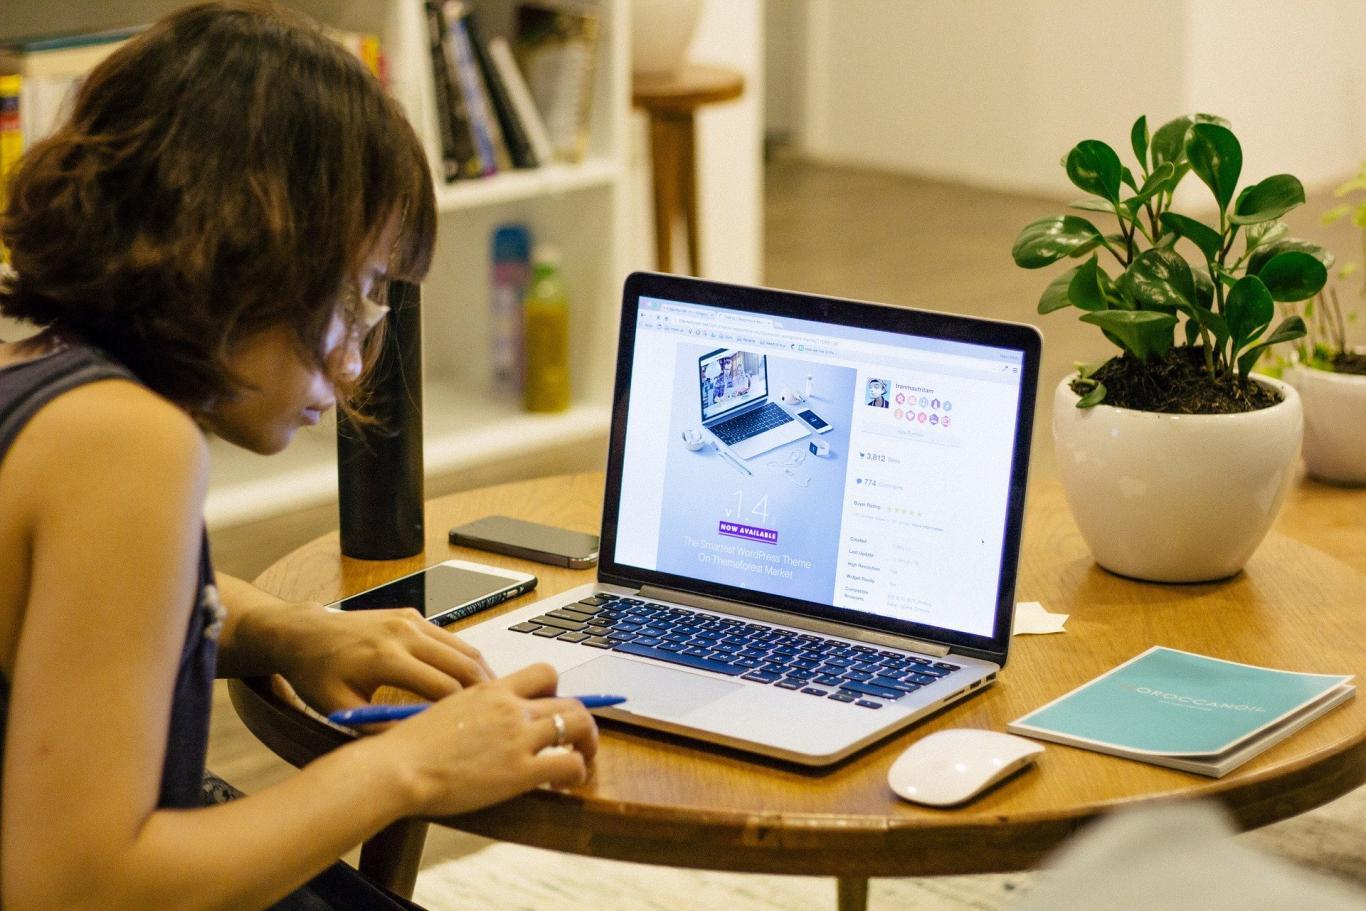 mujer joven trabajando frente a ordenador